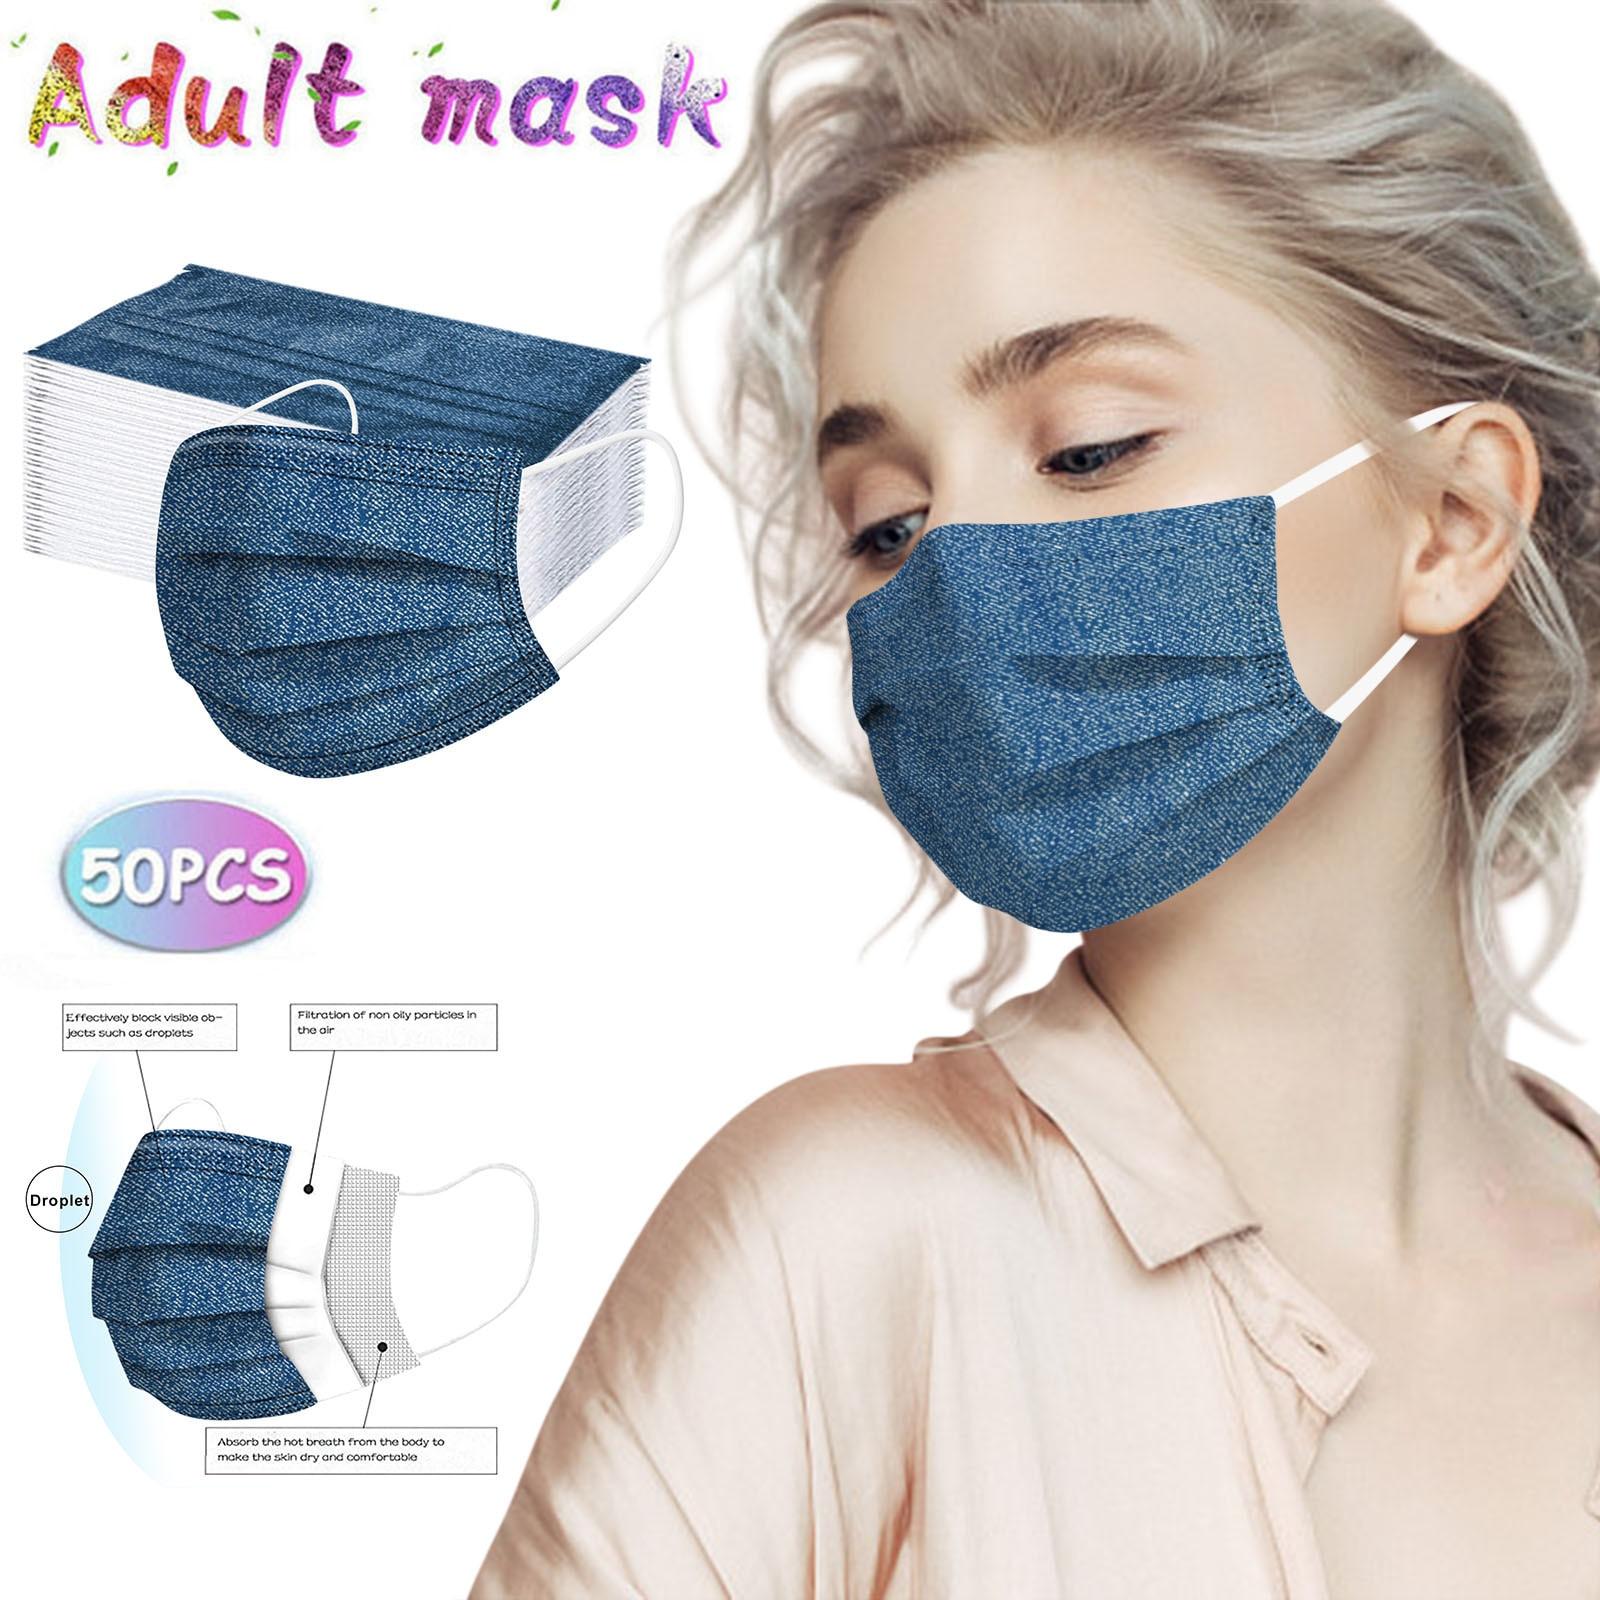 Маска одноразовая для женщин и взрослых, маска промышленная 3-слойная с заушным крючком, дышащая Защитная, 50 шт., # T2